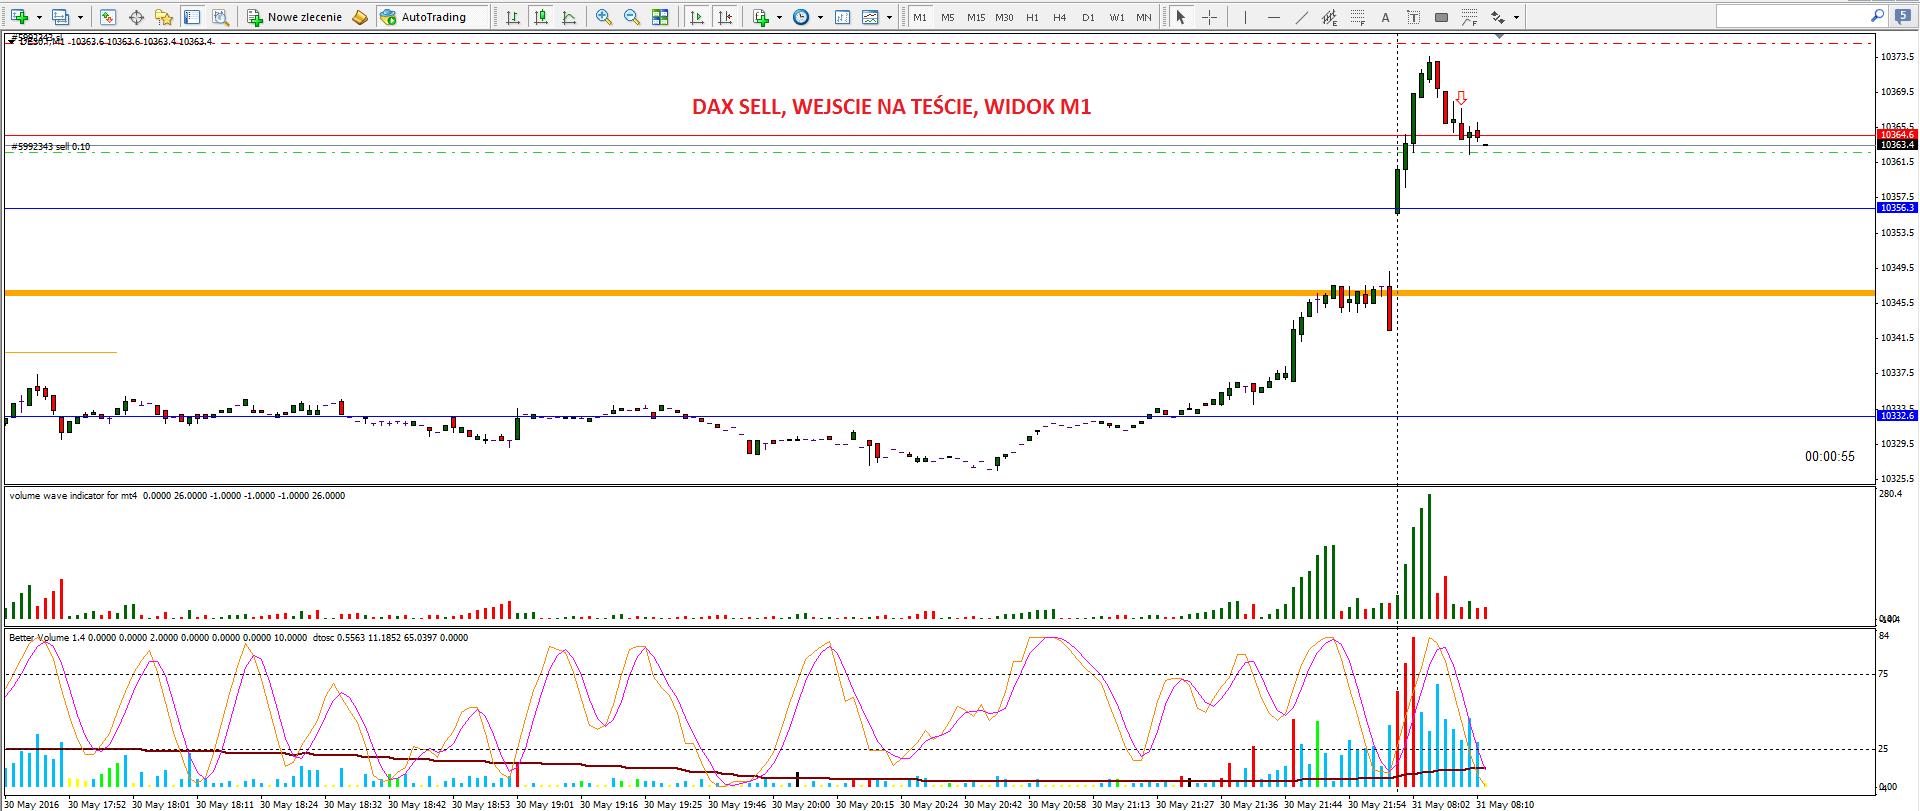 3-renko-scalping na renko-forex-skuteczna strategia-myforex-trader-trading-waluty-dax-prosta strategia tradingowa-broker-sukces-wolumen-vsa-świece japońskie-trading